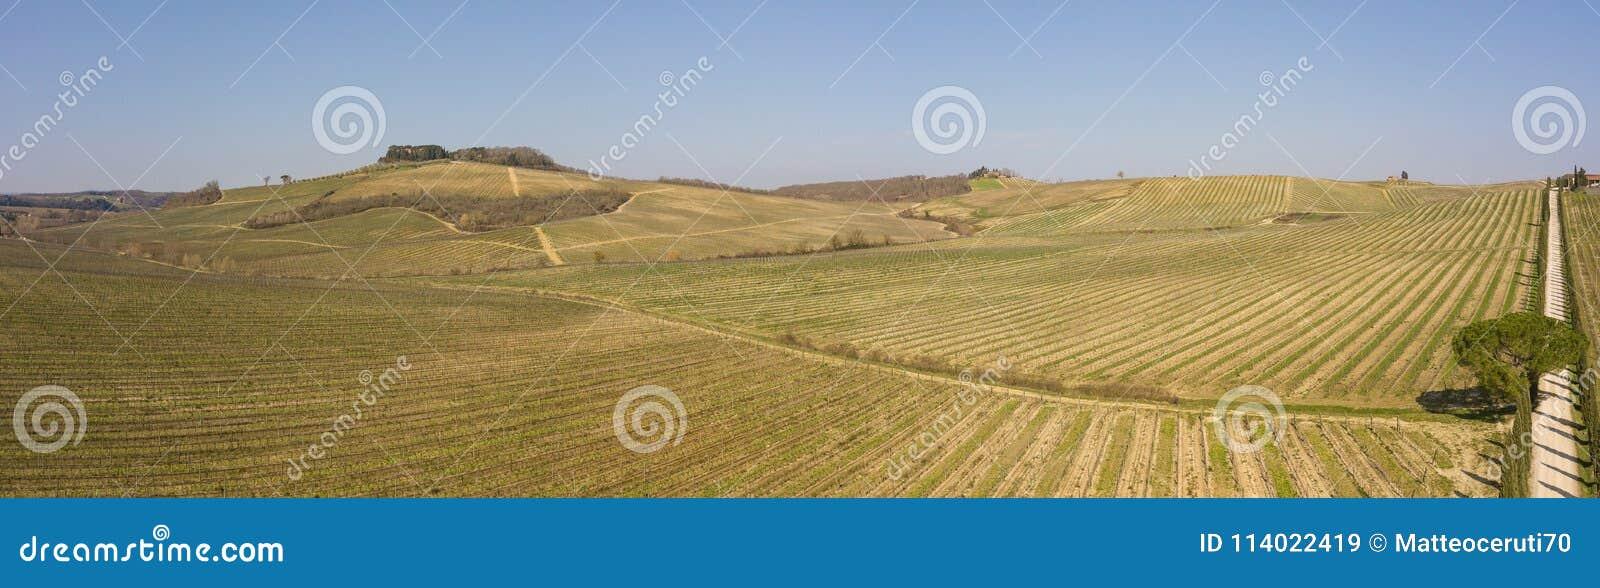 Paisaje de los viñedos de Toscana en Italia durante tiempo de primavera La ruta del vino